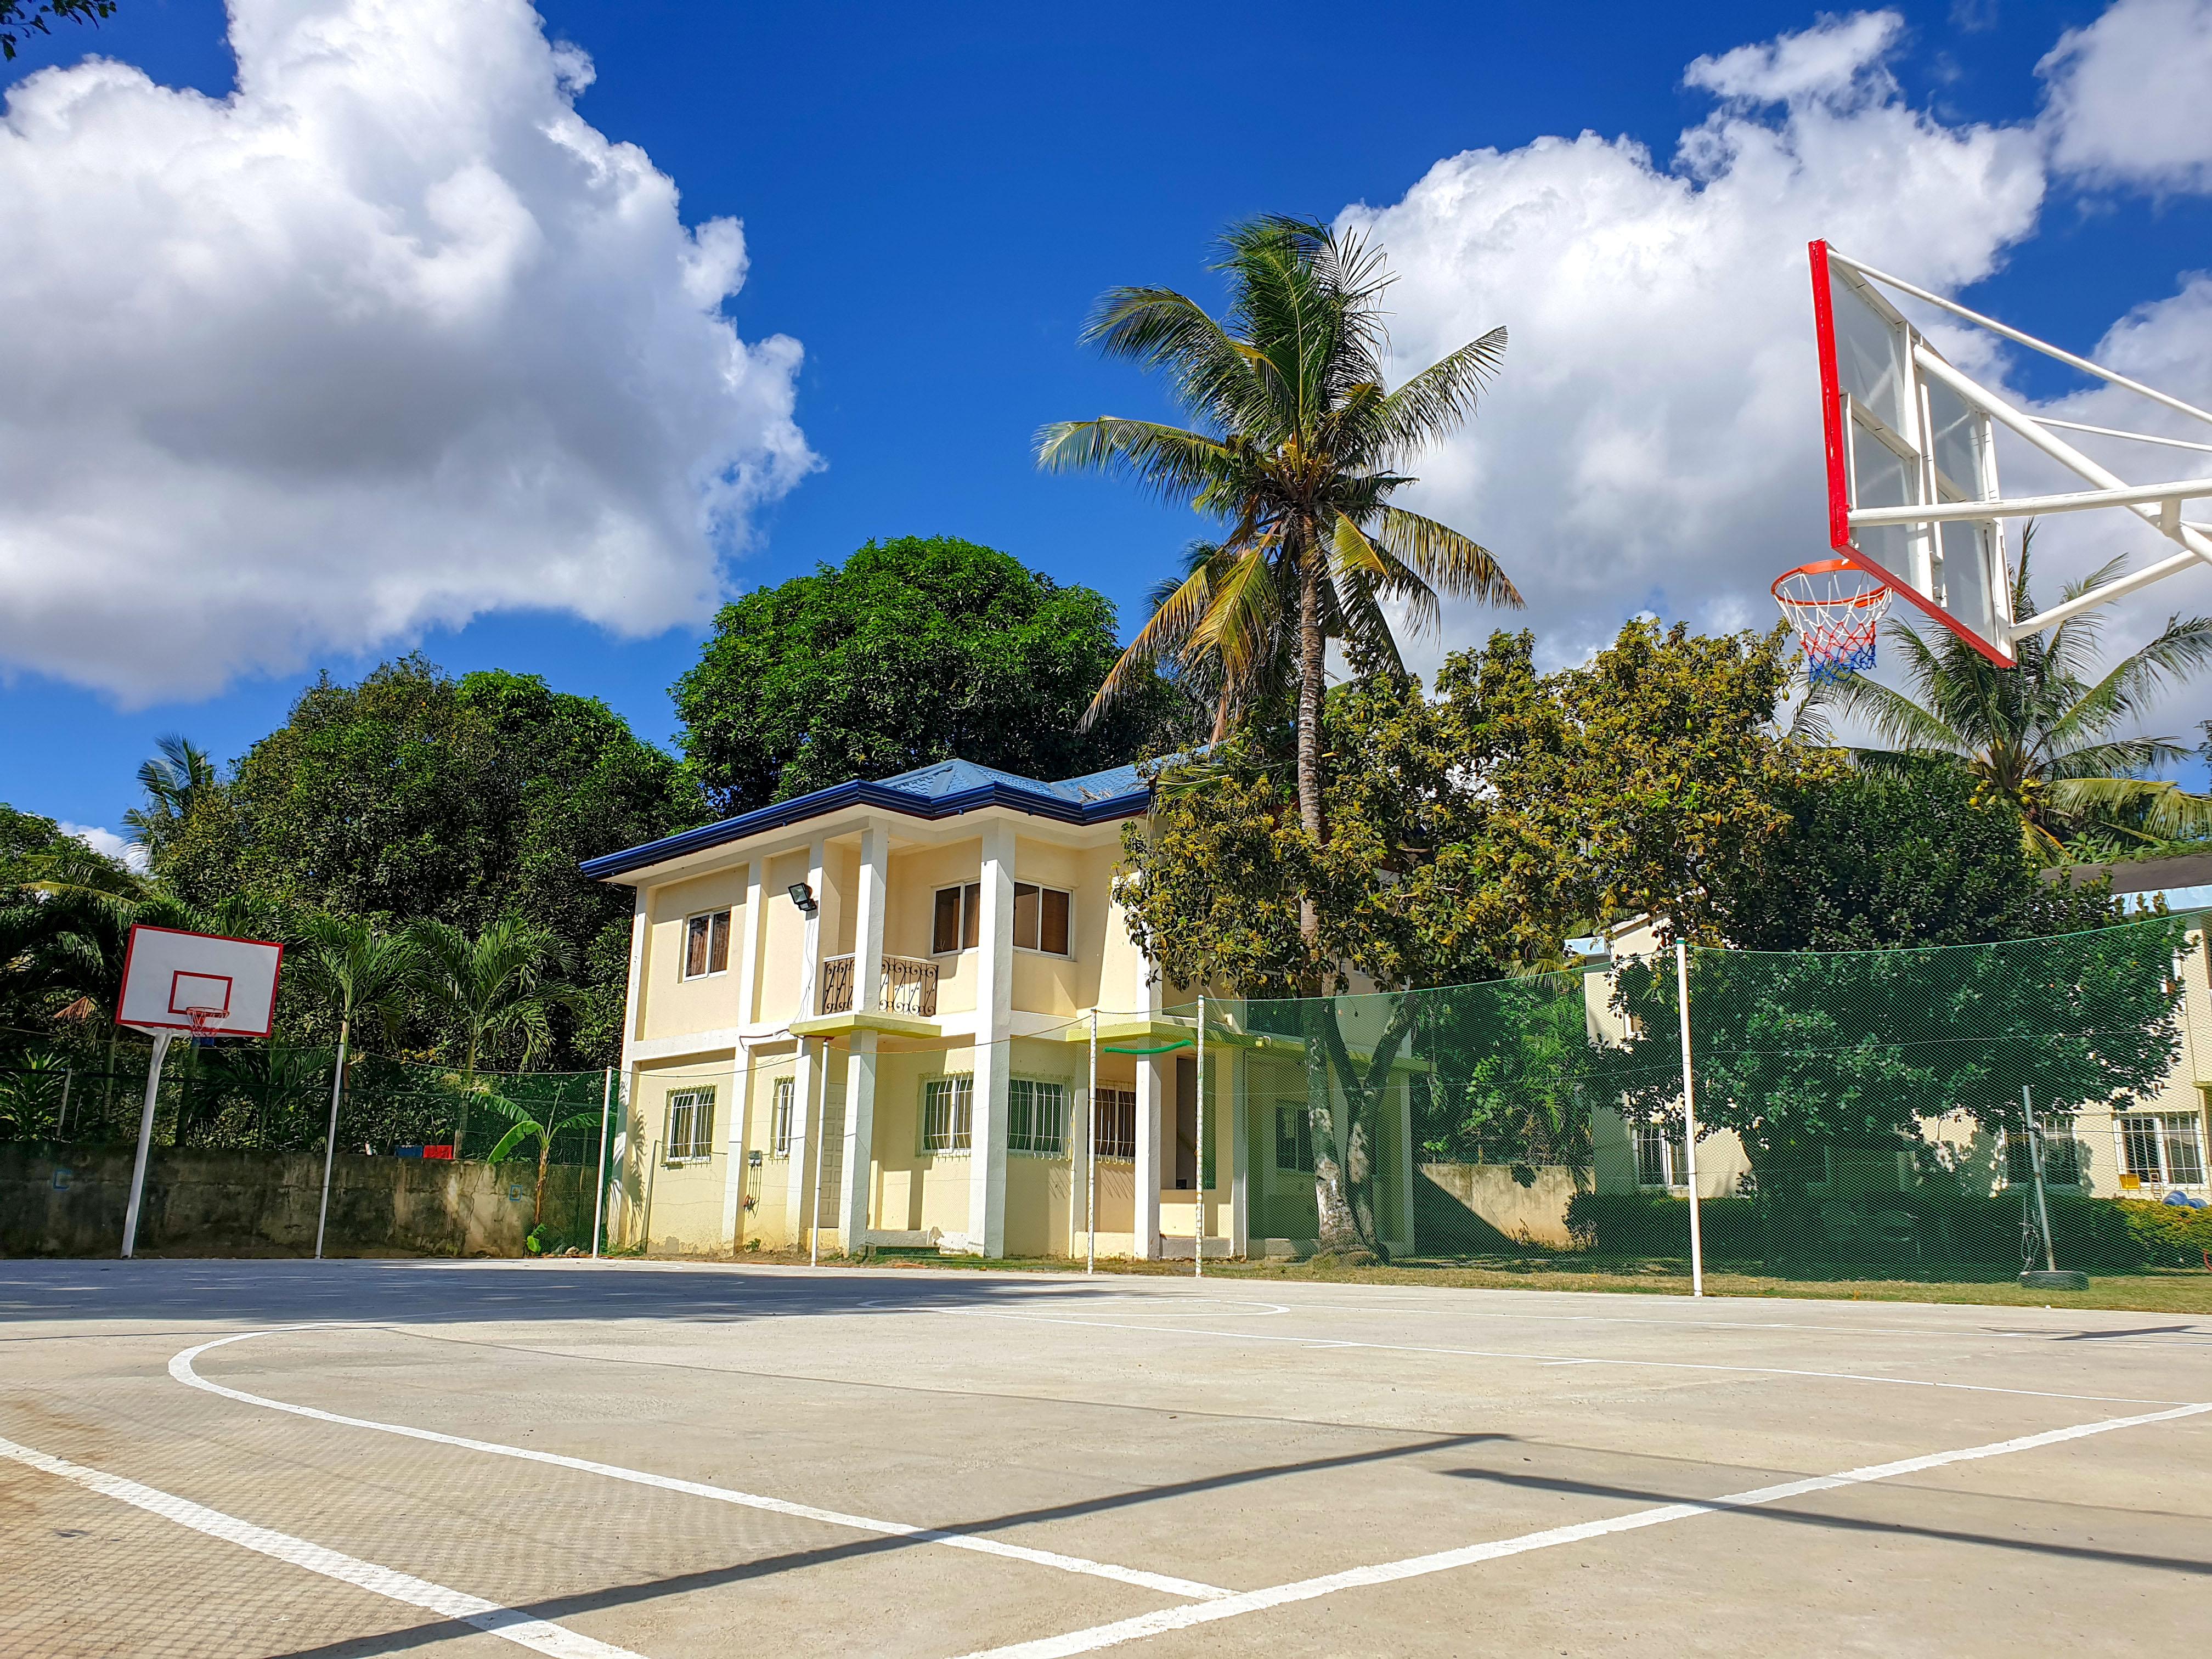 16.Basket ball court